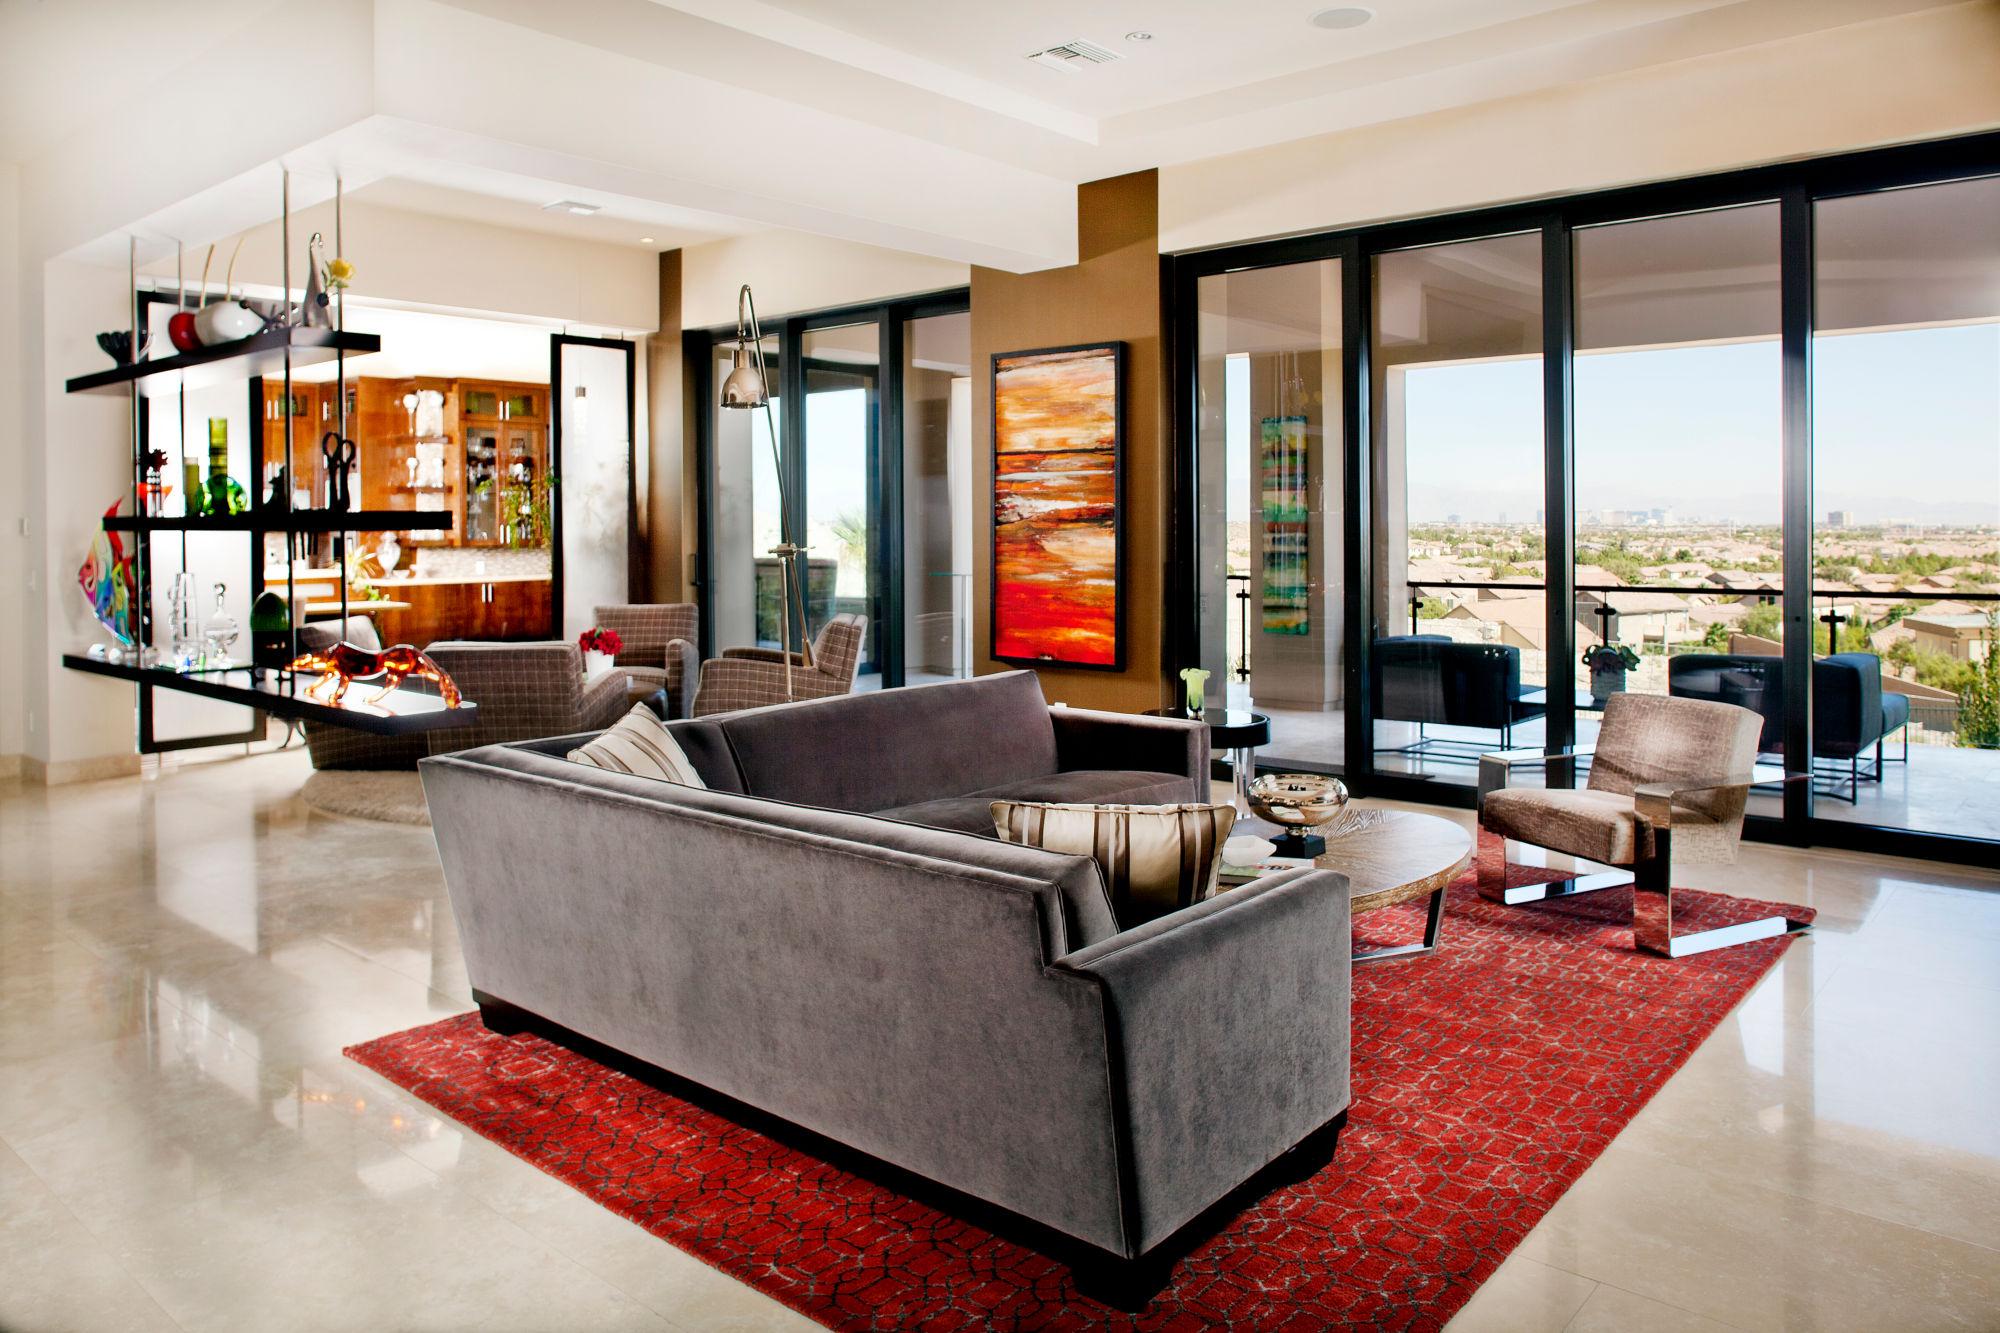 Family room with modern furnishings, large sliders, orange silk area rug, gray velvet sectional.